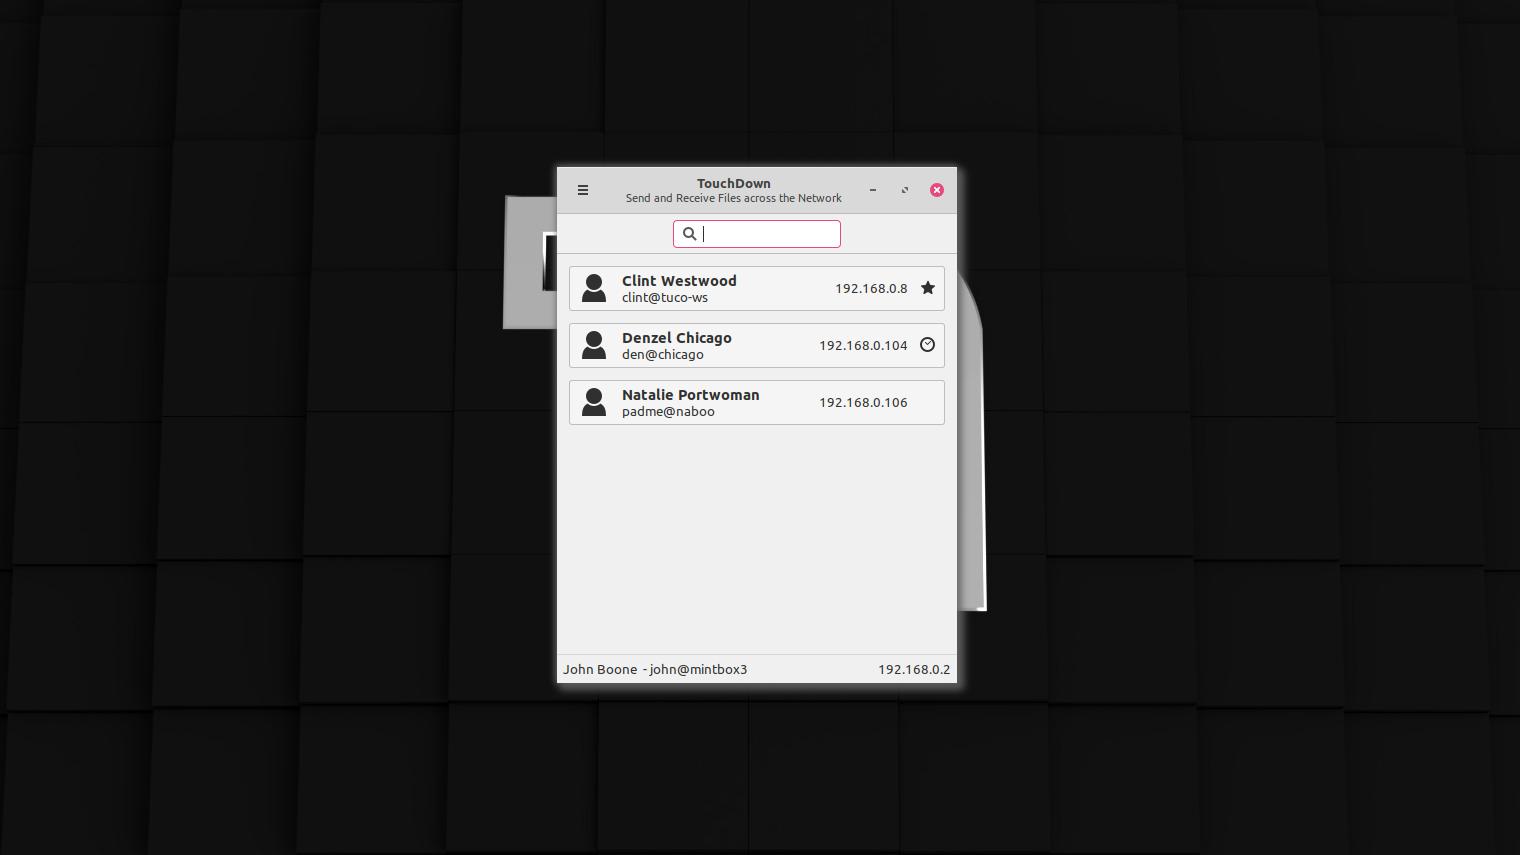 Das Hauptmenü bietet eine Übersicht aller Computer im Netzwerk